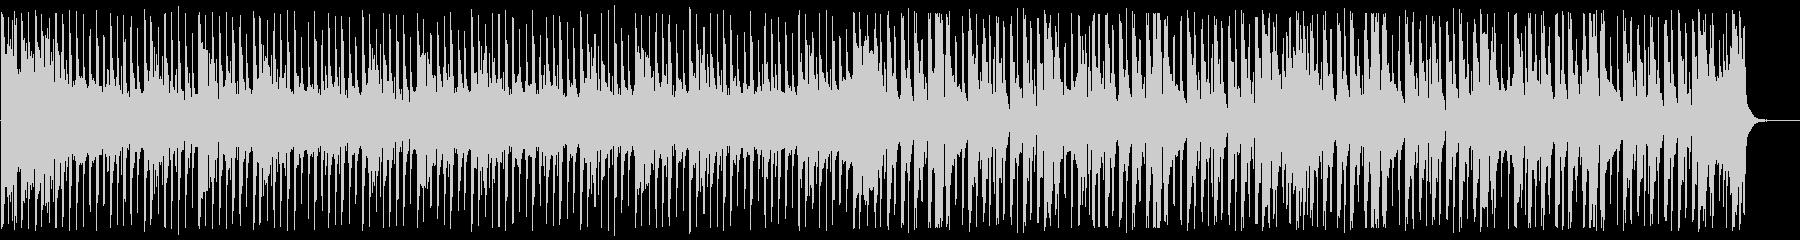 サイバーなディープハウス_No679_3の未再生の波形